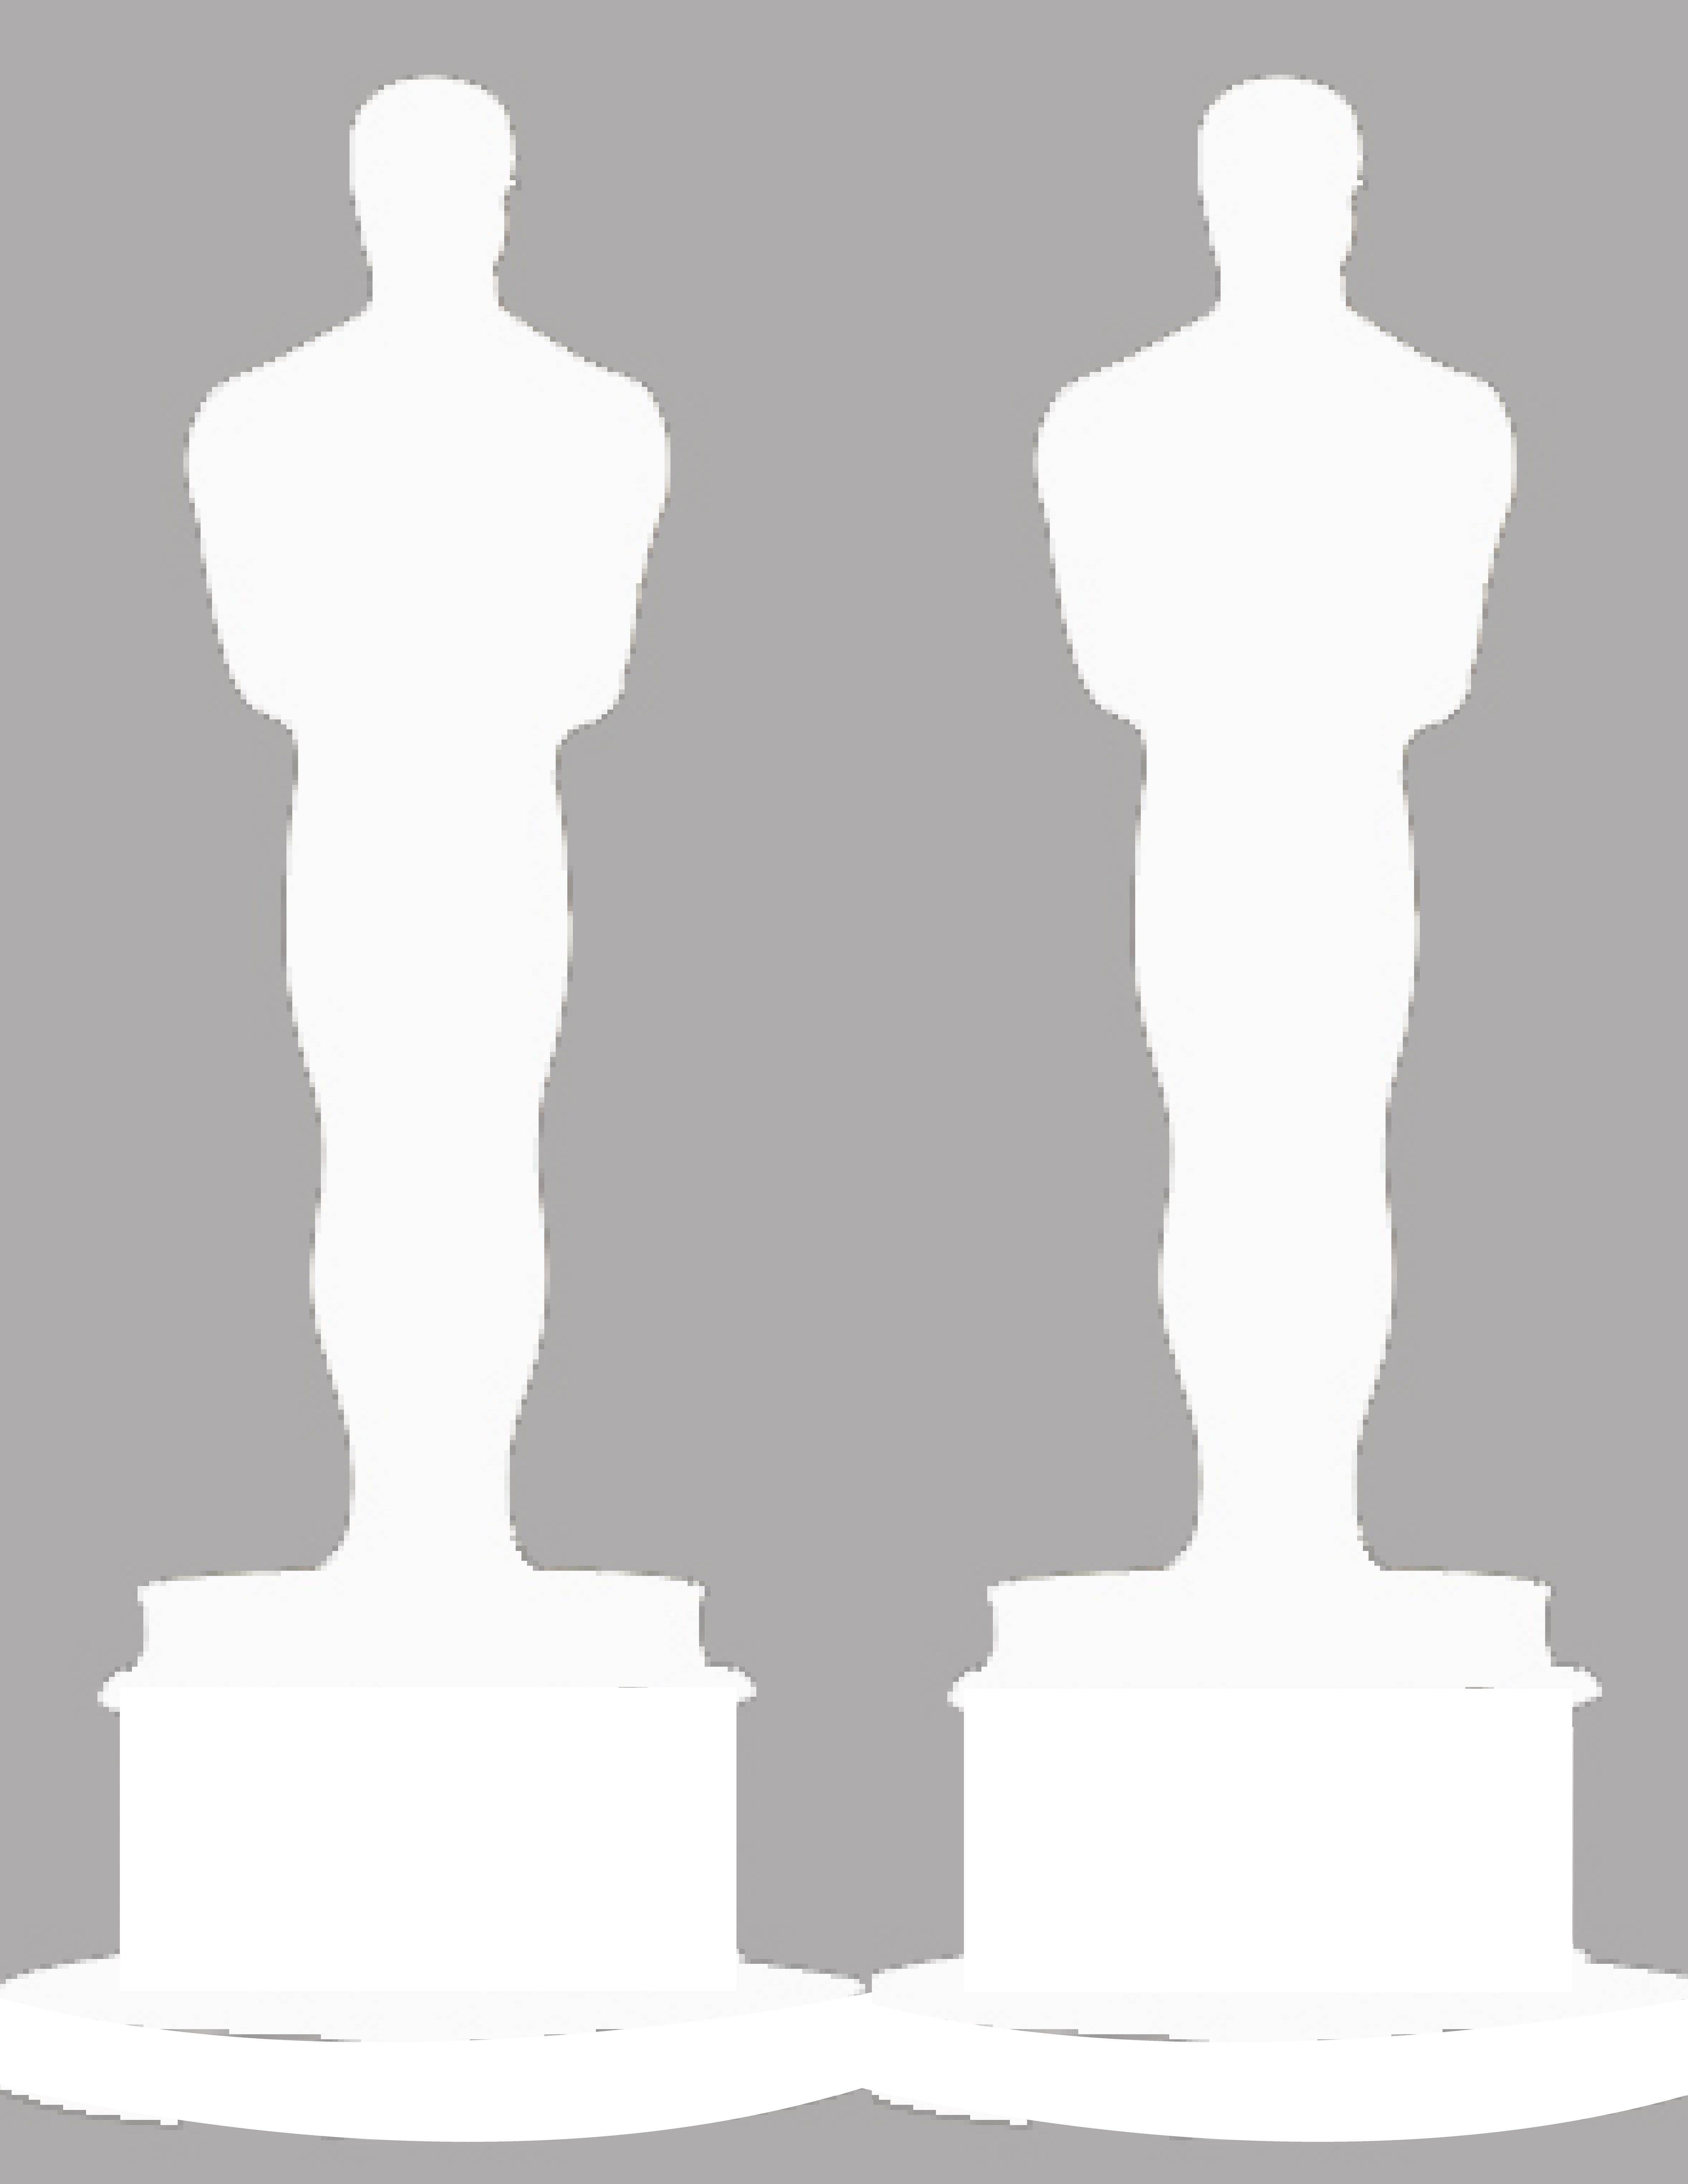 template for oscar award google search party in 2018 oscar